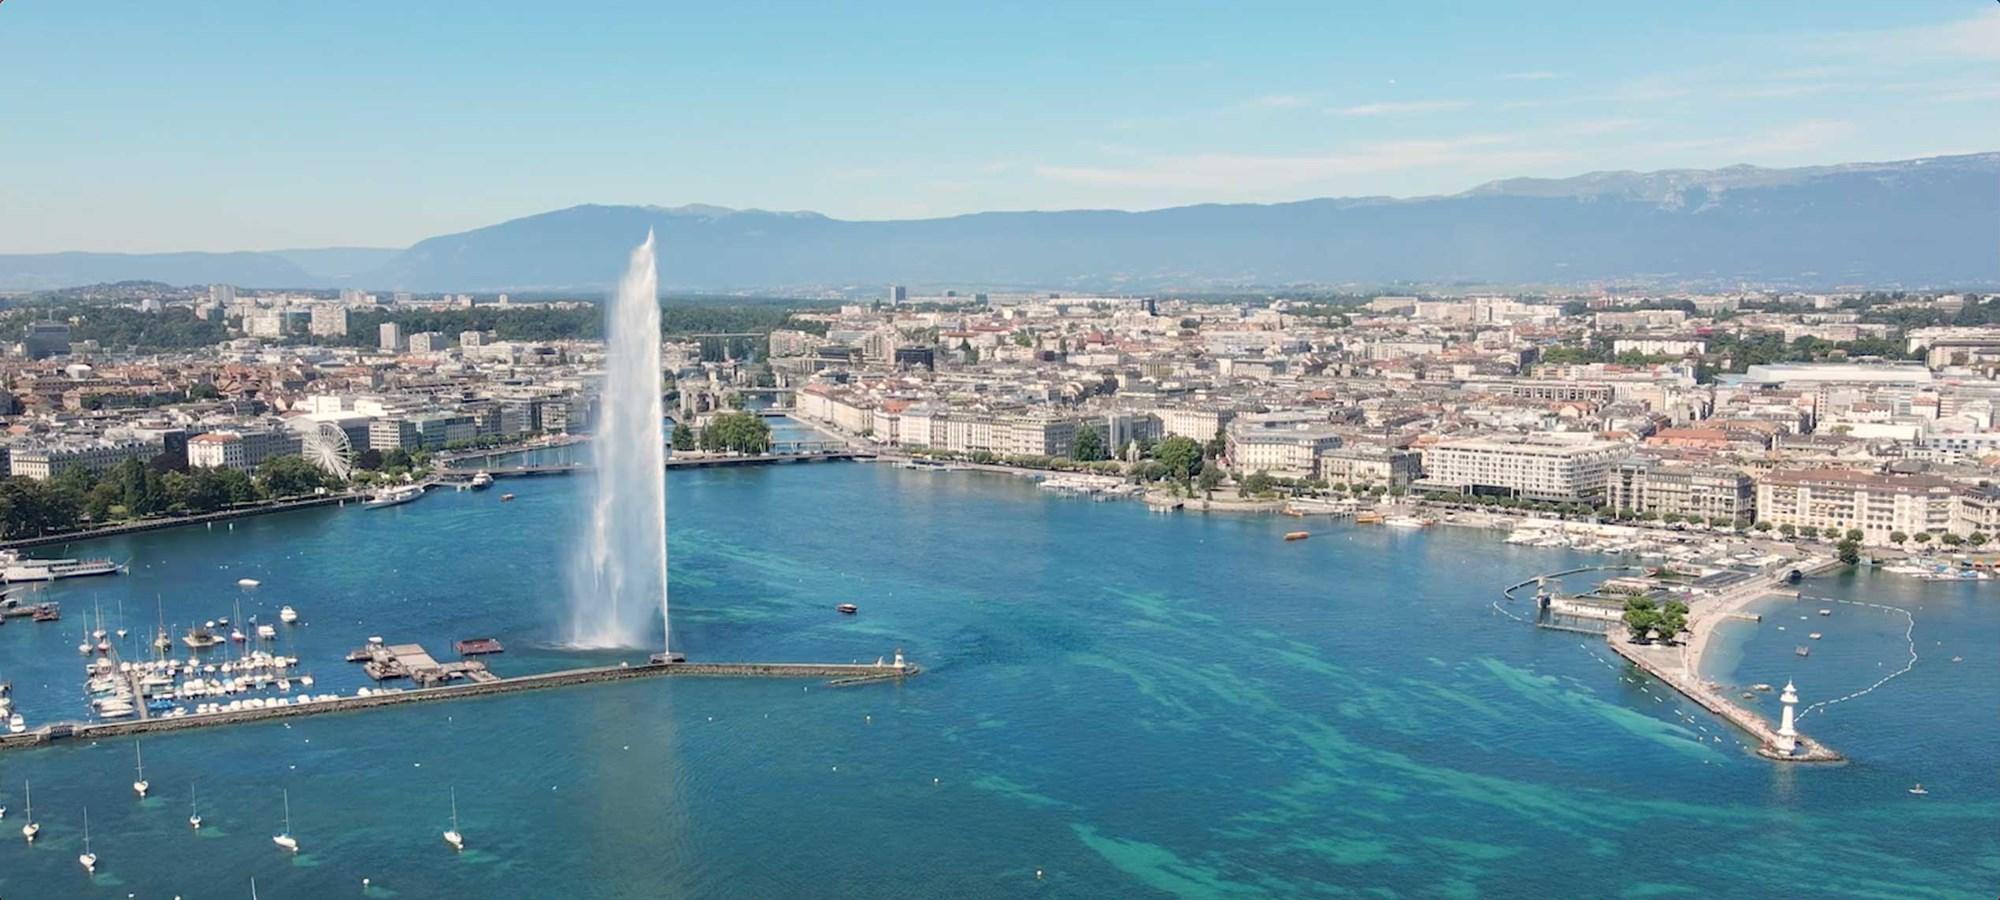 Office du tourisme de Genève